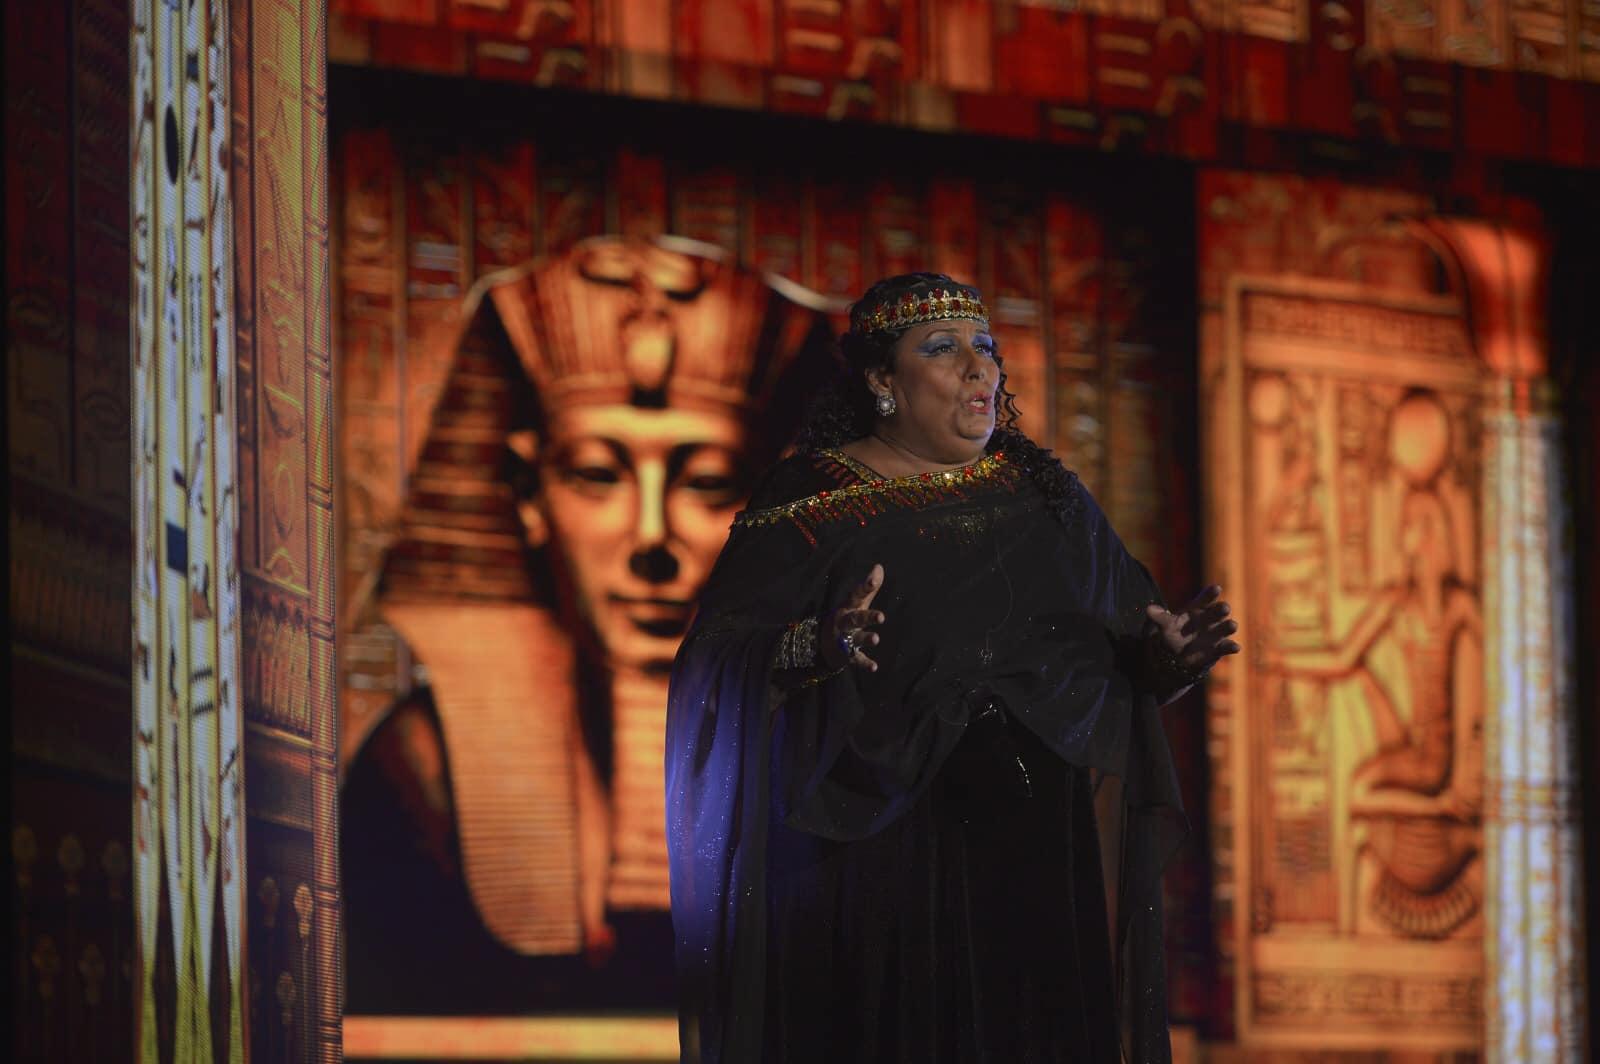 أوبرا عايدة - من فيس بوك دار الاوبرا المصرية 23.jpg